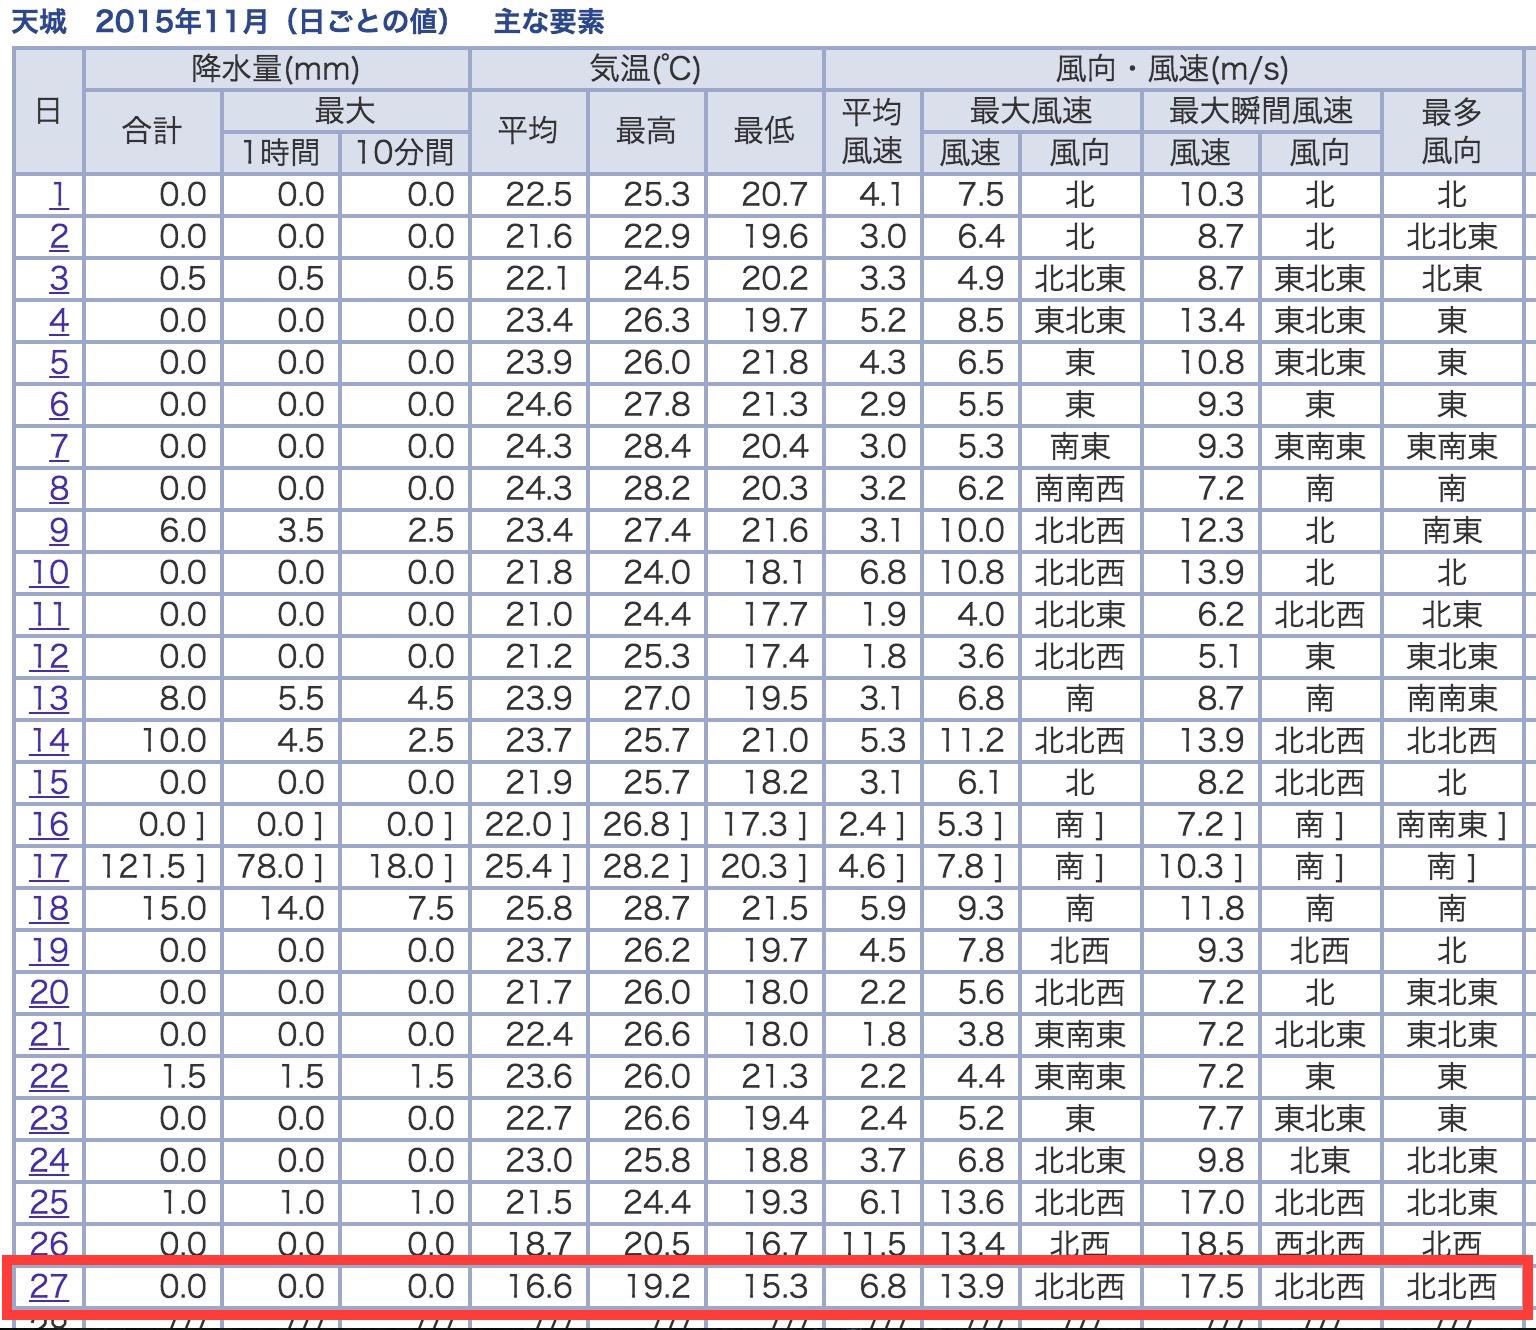 2015年11月の徳之島での天候の記録